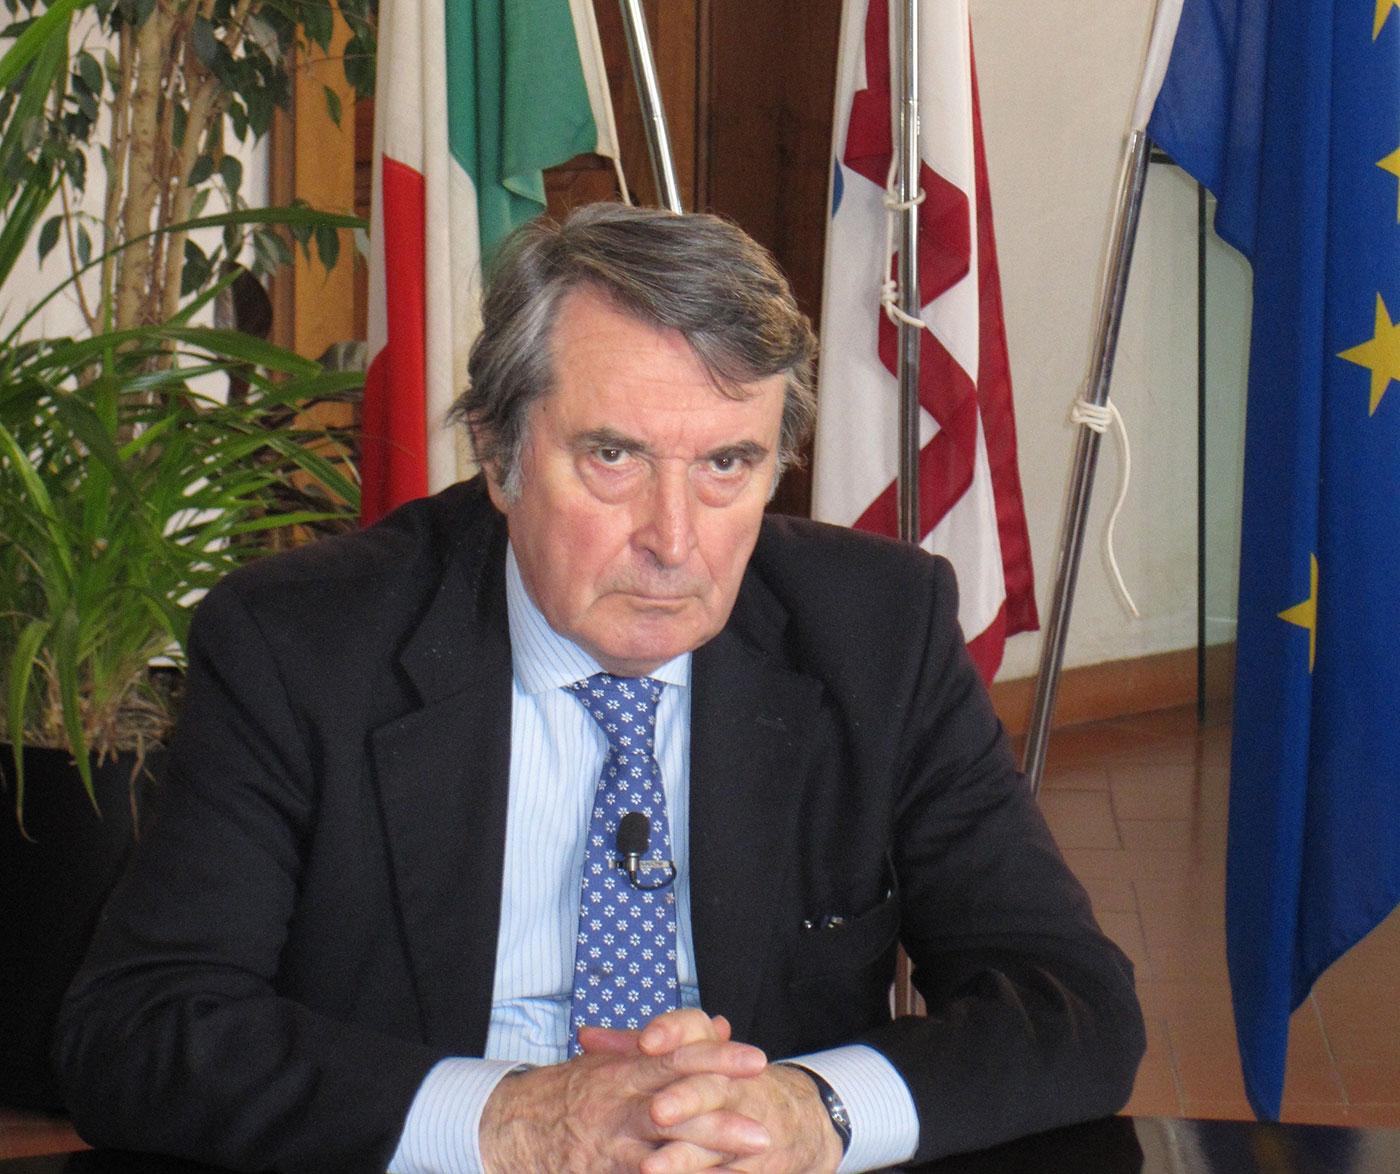 Giuliano Gallanti